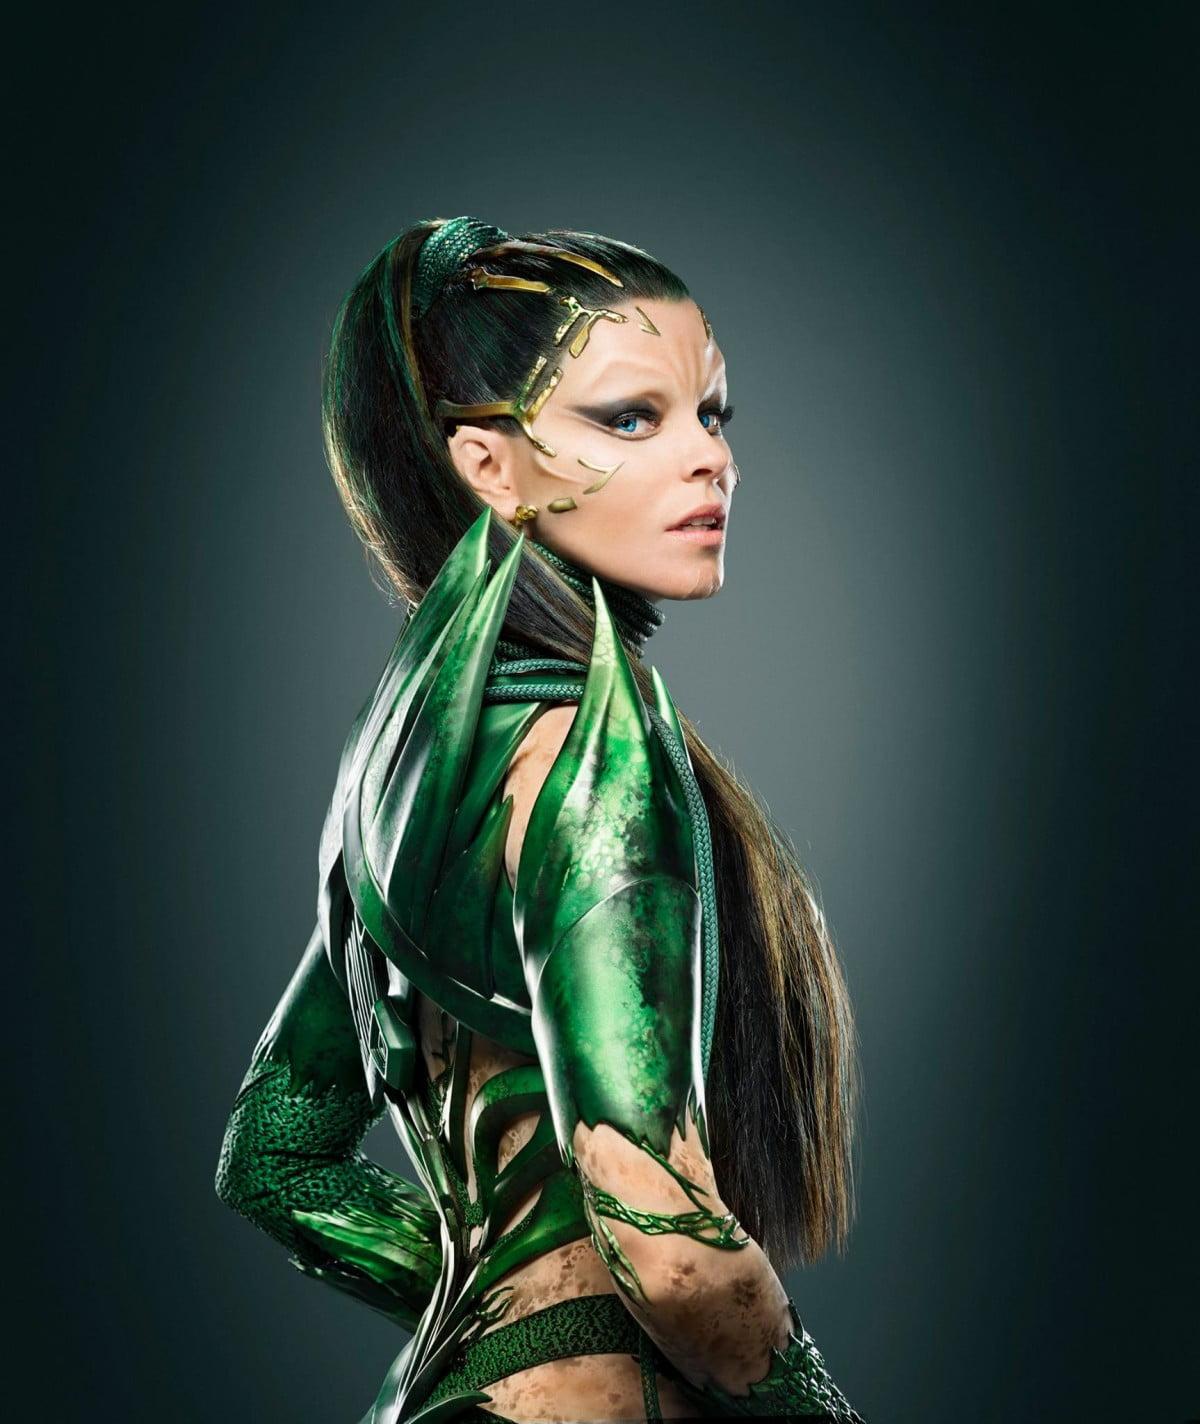 Nueva imagen de Power Rangers, la película